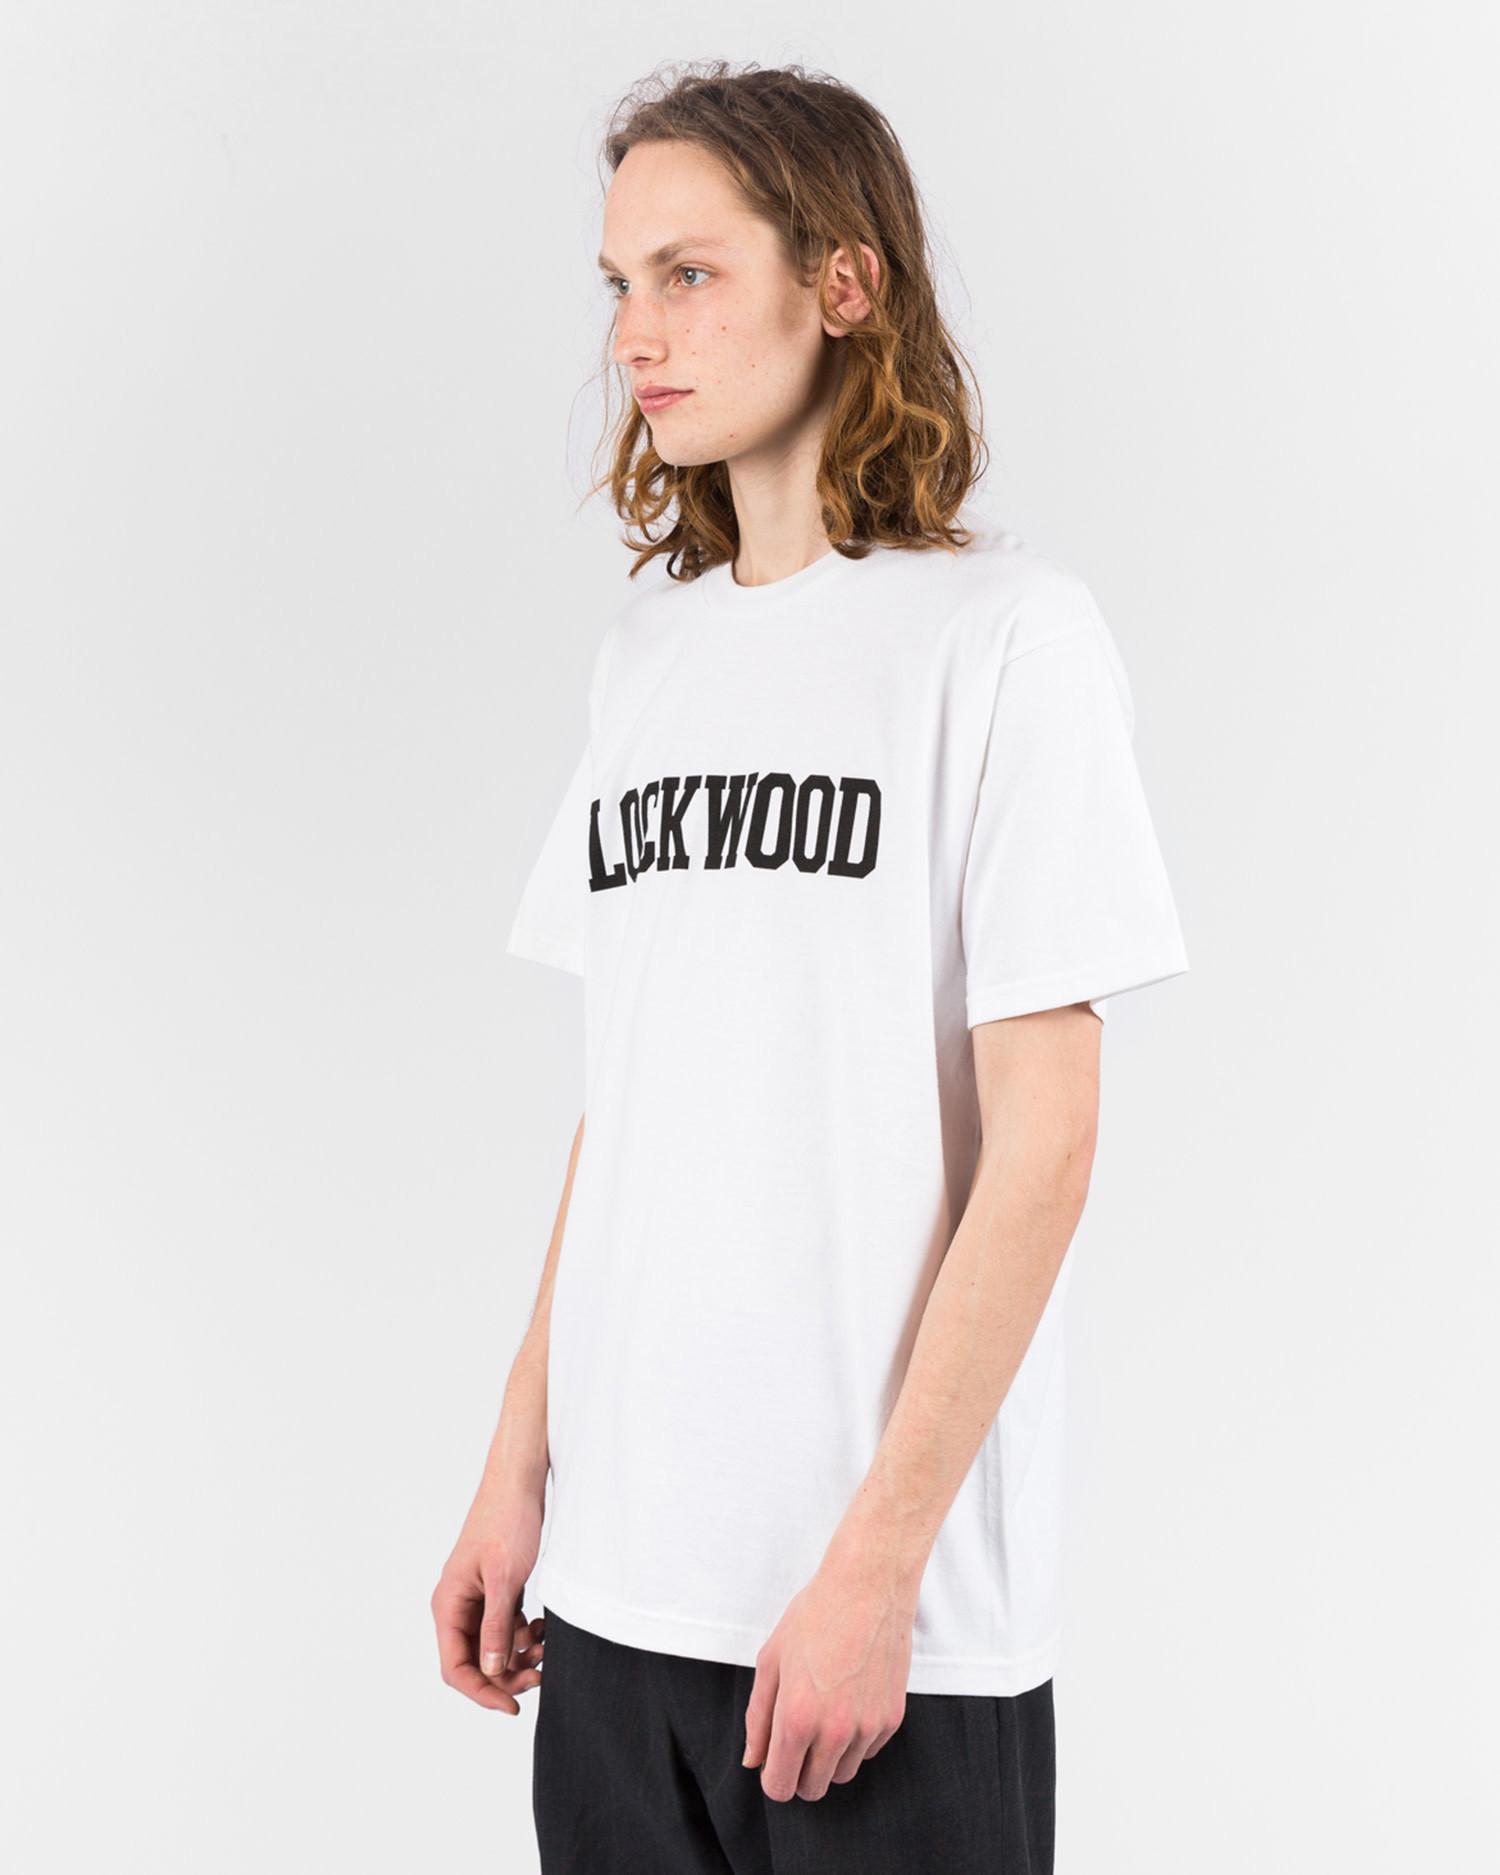 Lockwood OG Varsity T-shirt White/Black